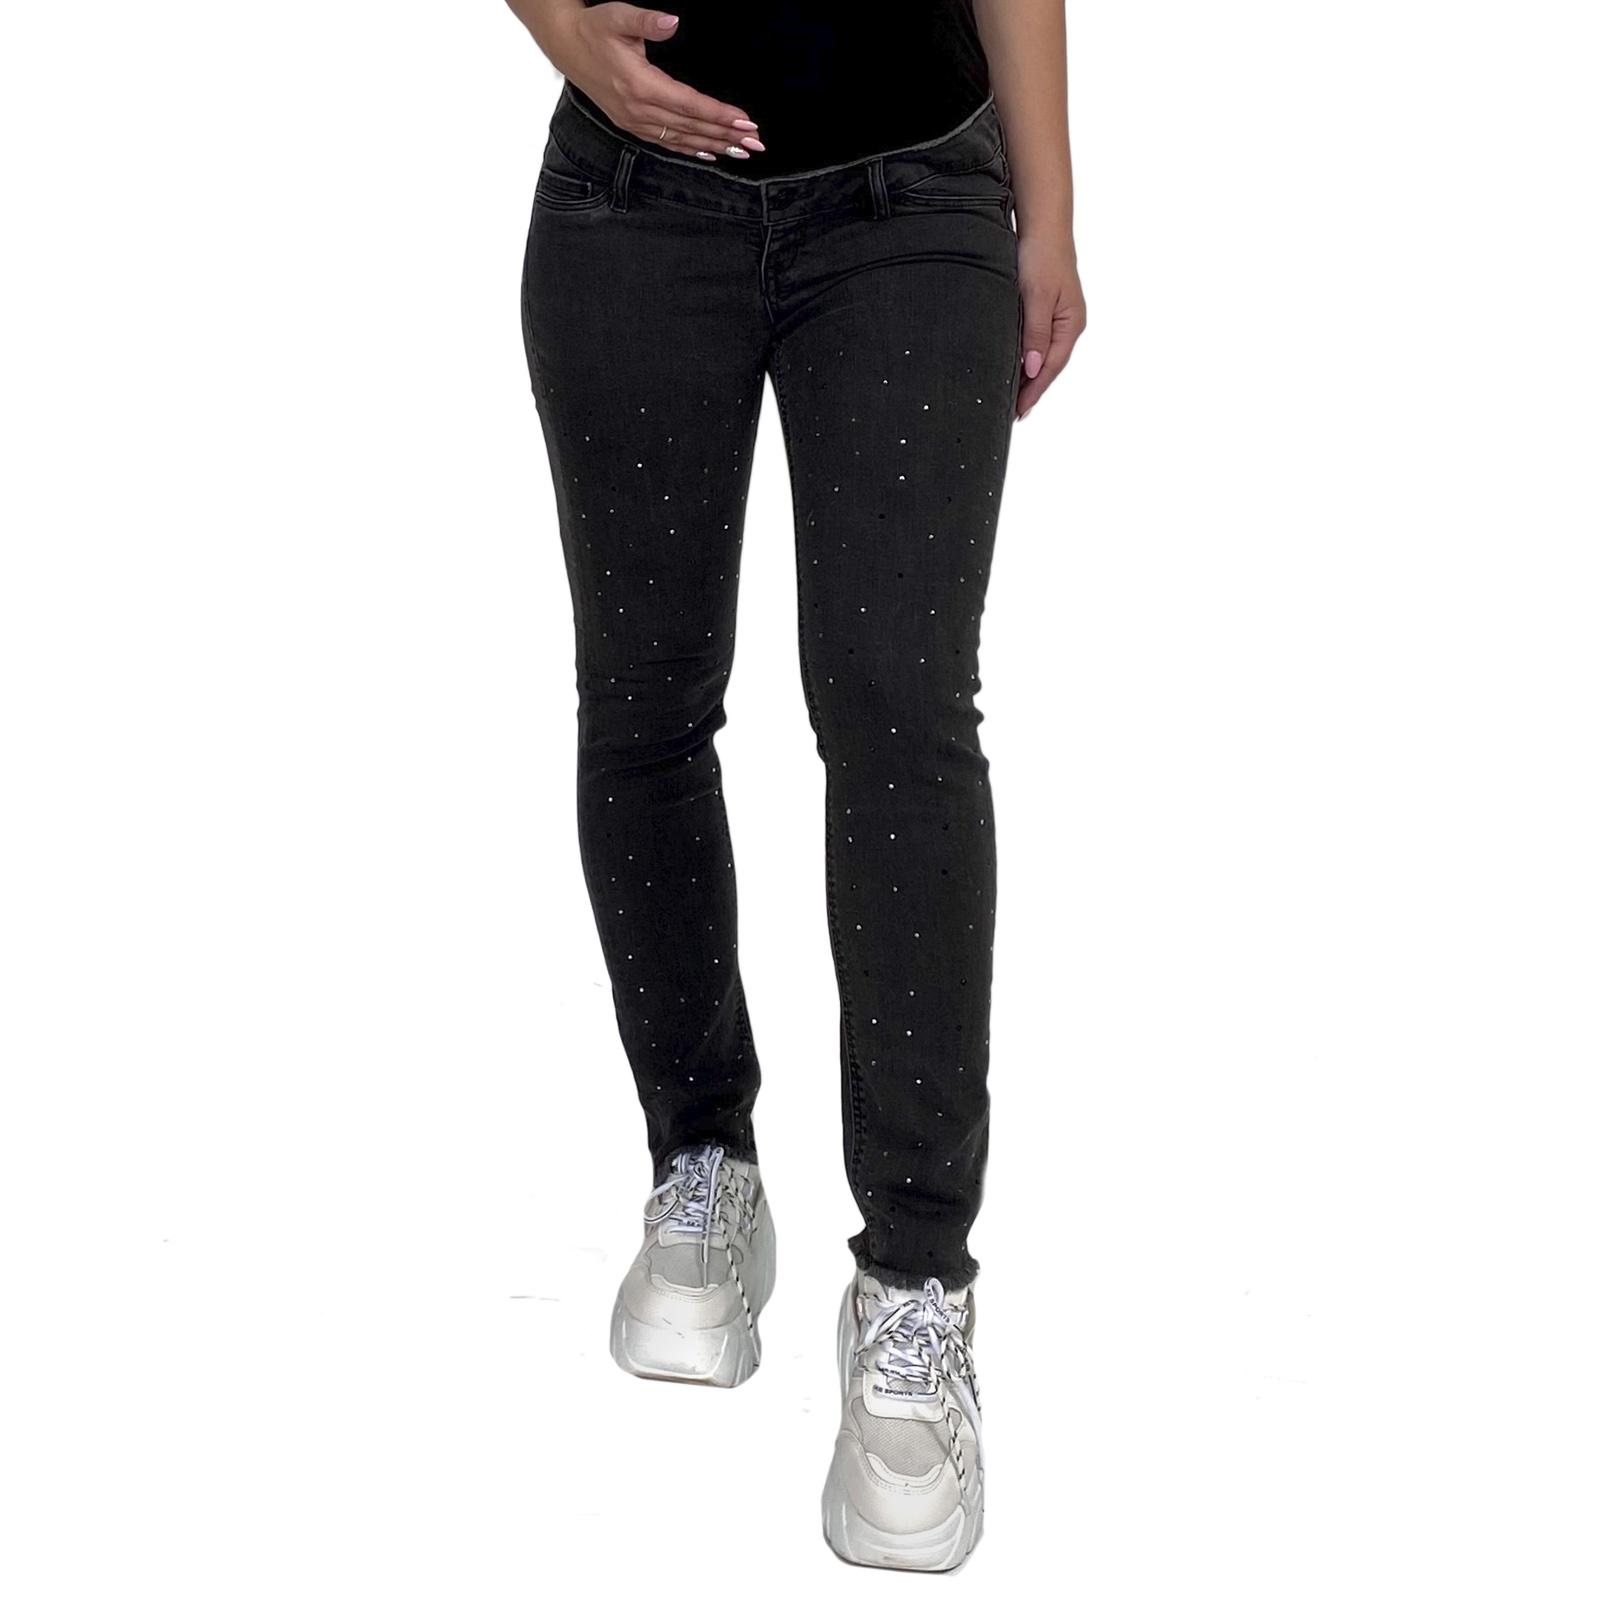 Брюки-джинсы для беременных от DENIM (Турция)